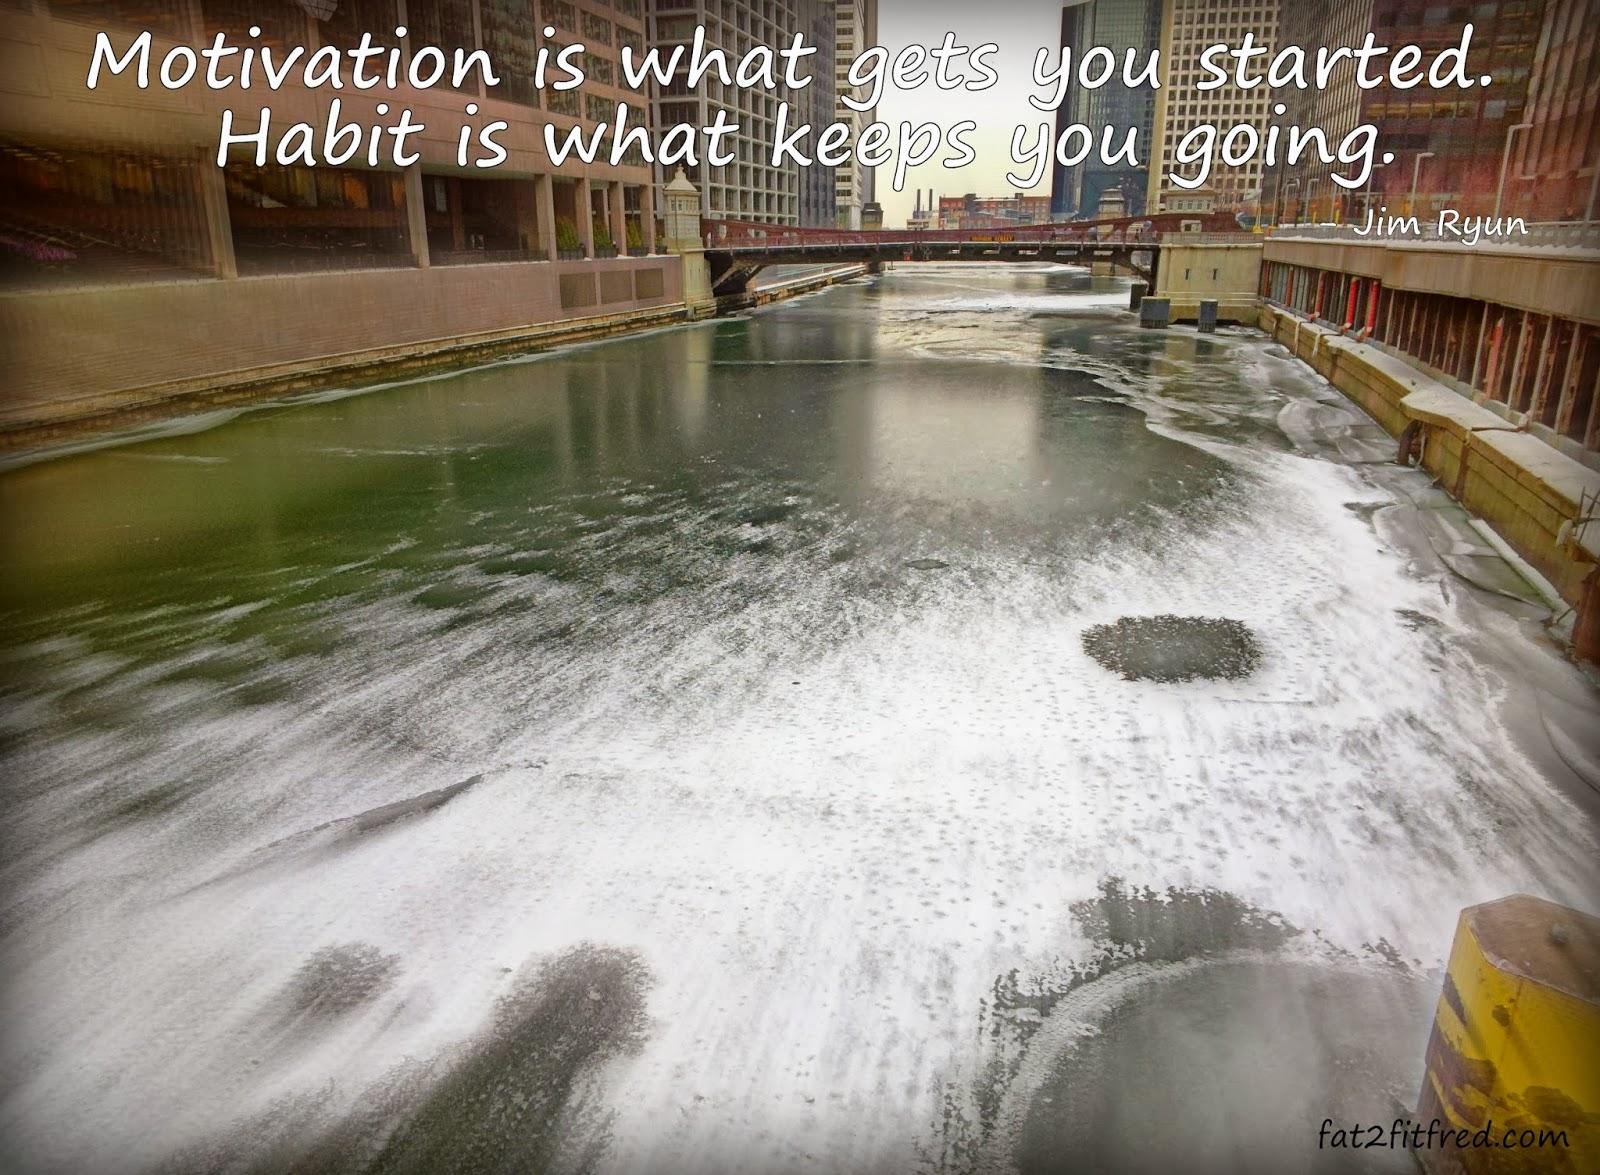 Jim Ryun quotes